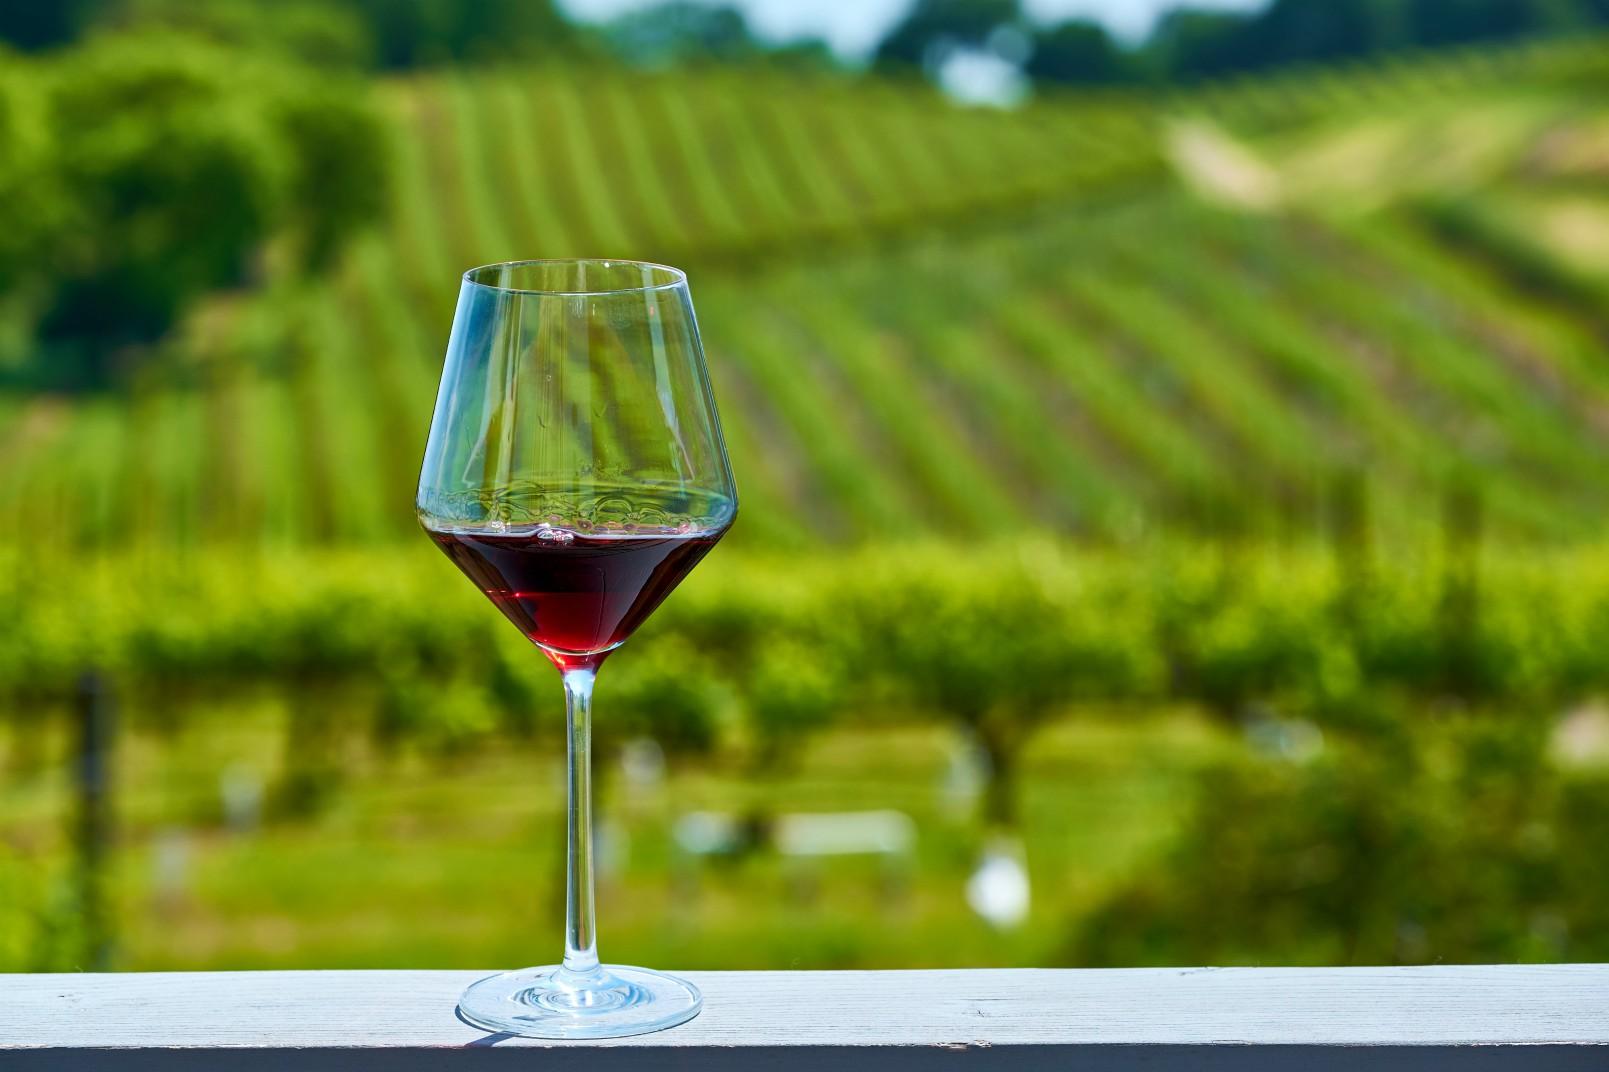 Enoturismo: per valorizzare le zone rurali si può passare da un bicchiere